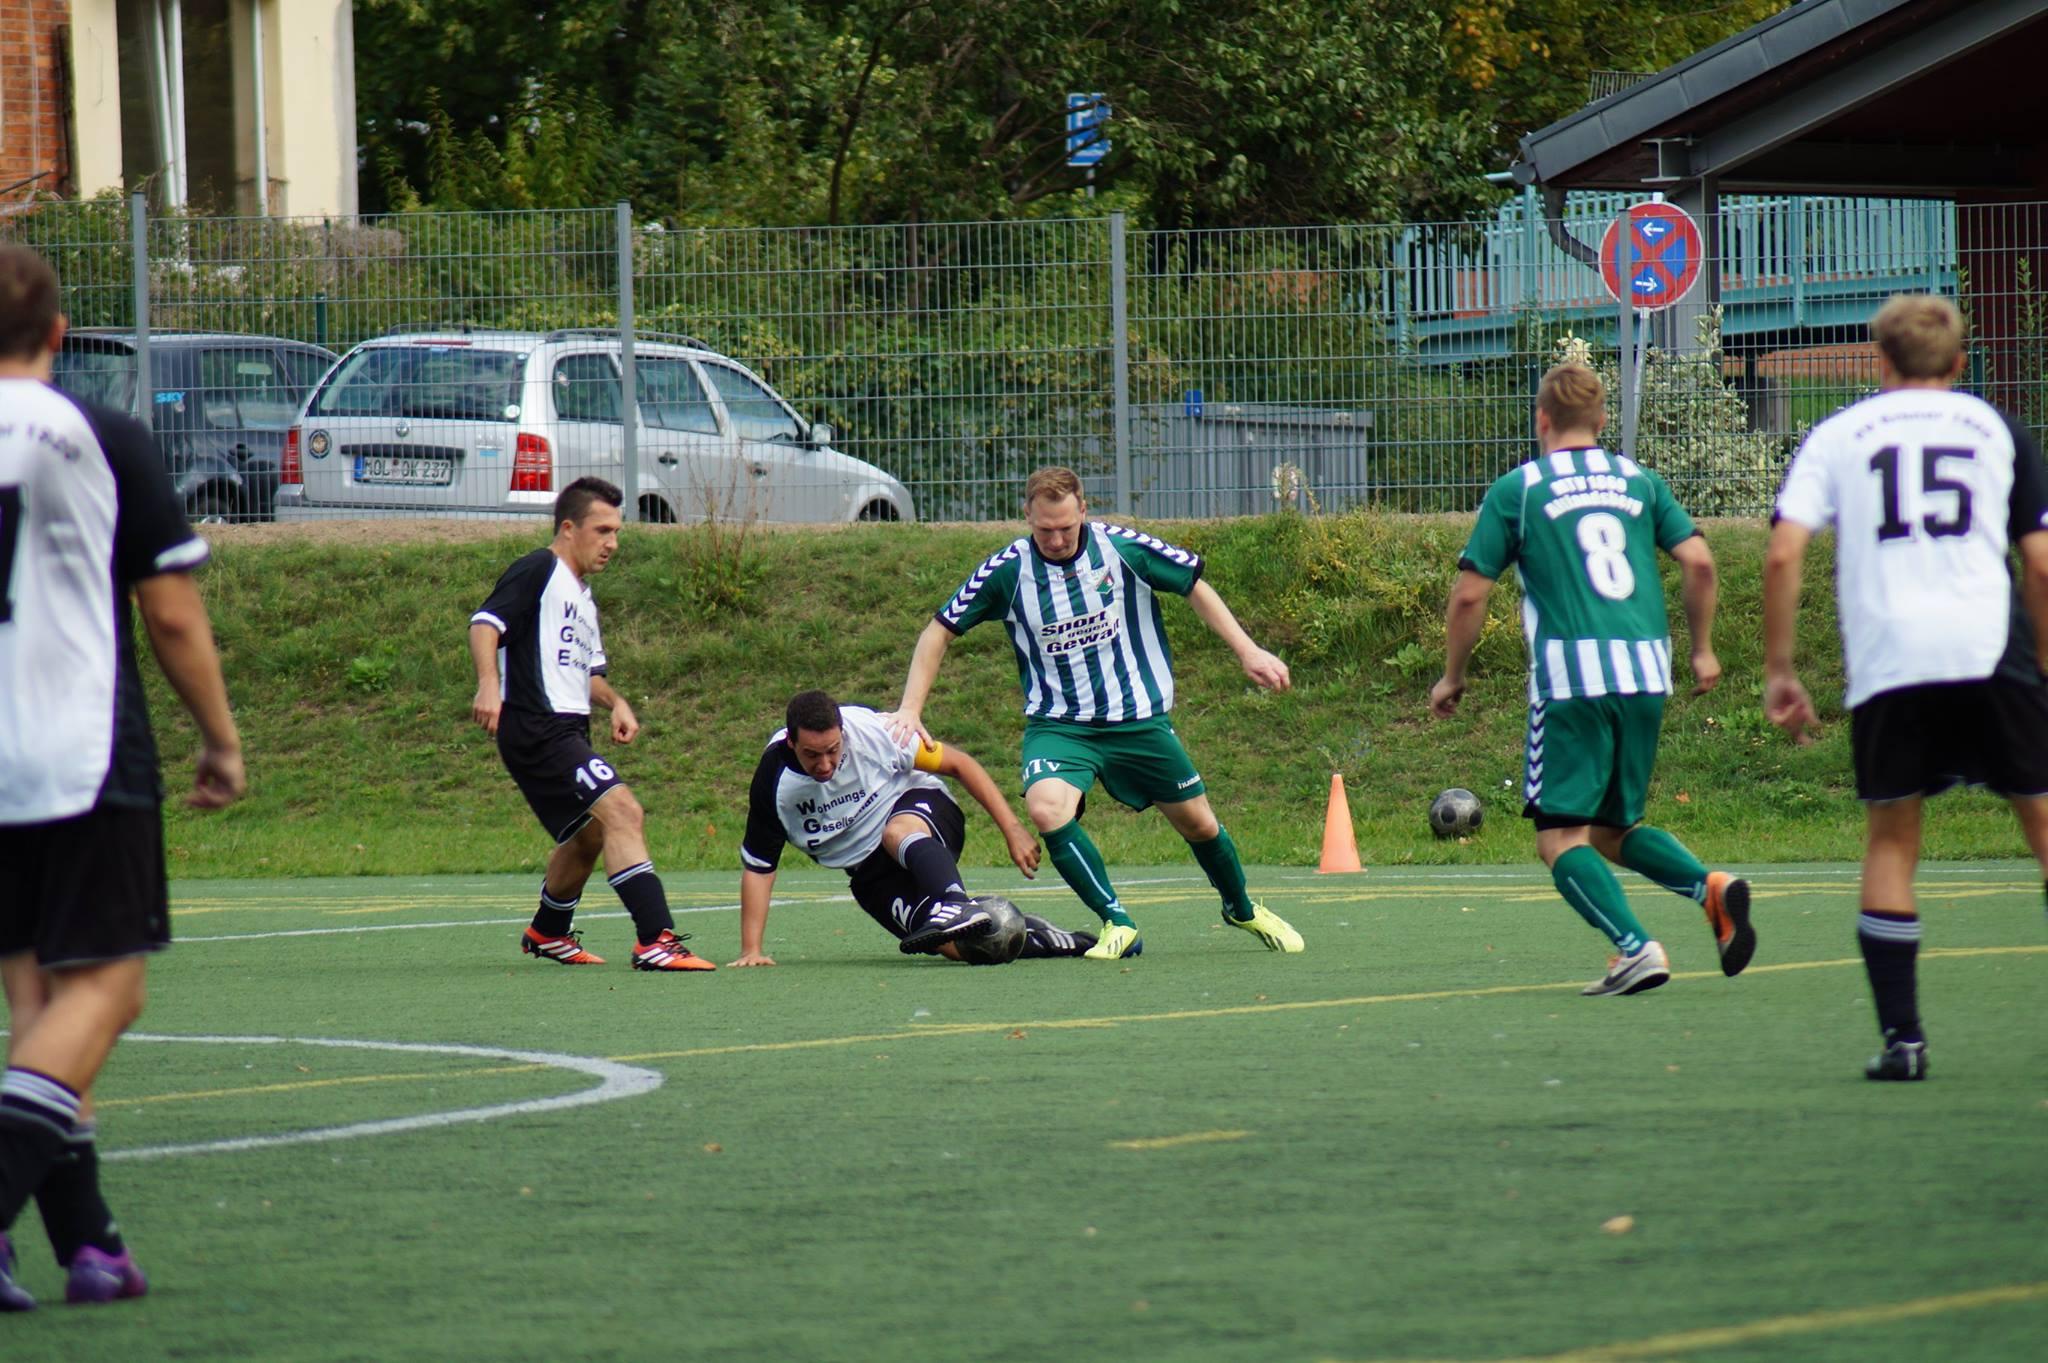 Nicolas Hofmann (Mitte) wird dem Team von Trainer Maik Ramin beim Auswärtsspiel in Erkner aufgrund einer Gelb-Roten Karte fehlen. Foto: CK